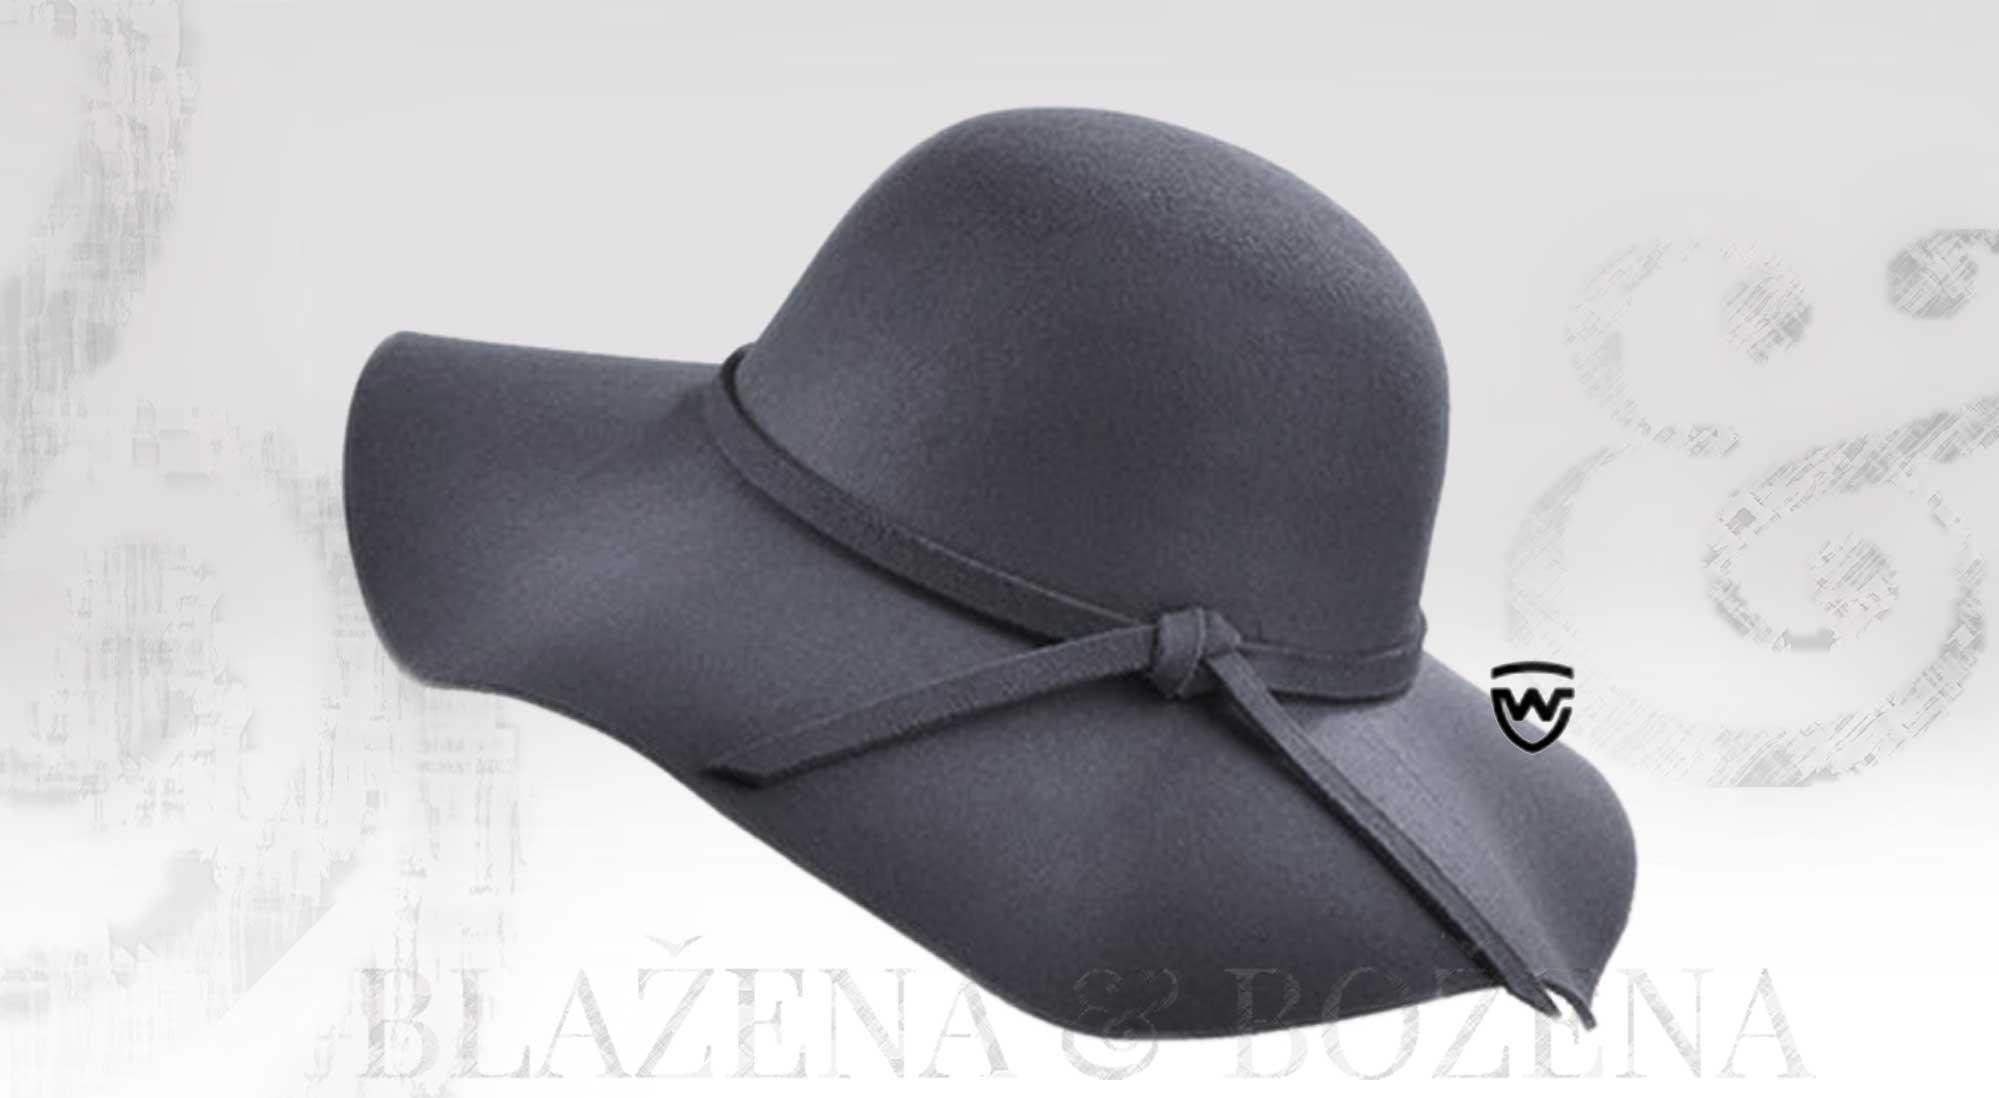 2ad91c1522c Wayfarer West šedý klobouk – Blažena Božena